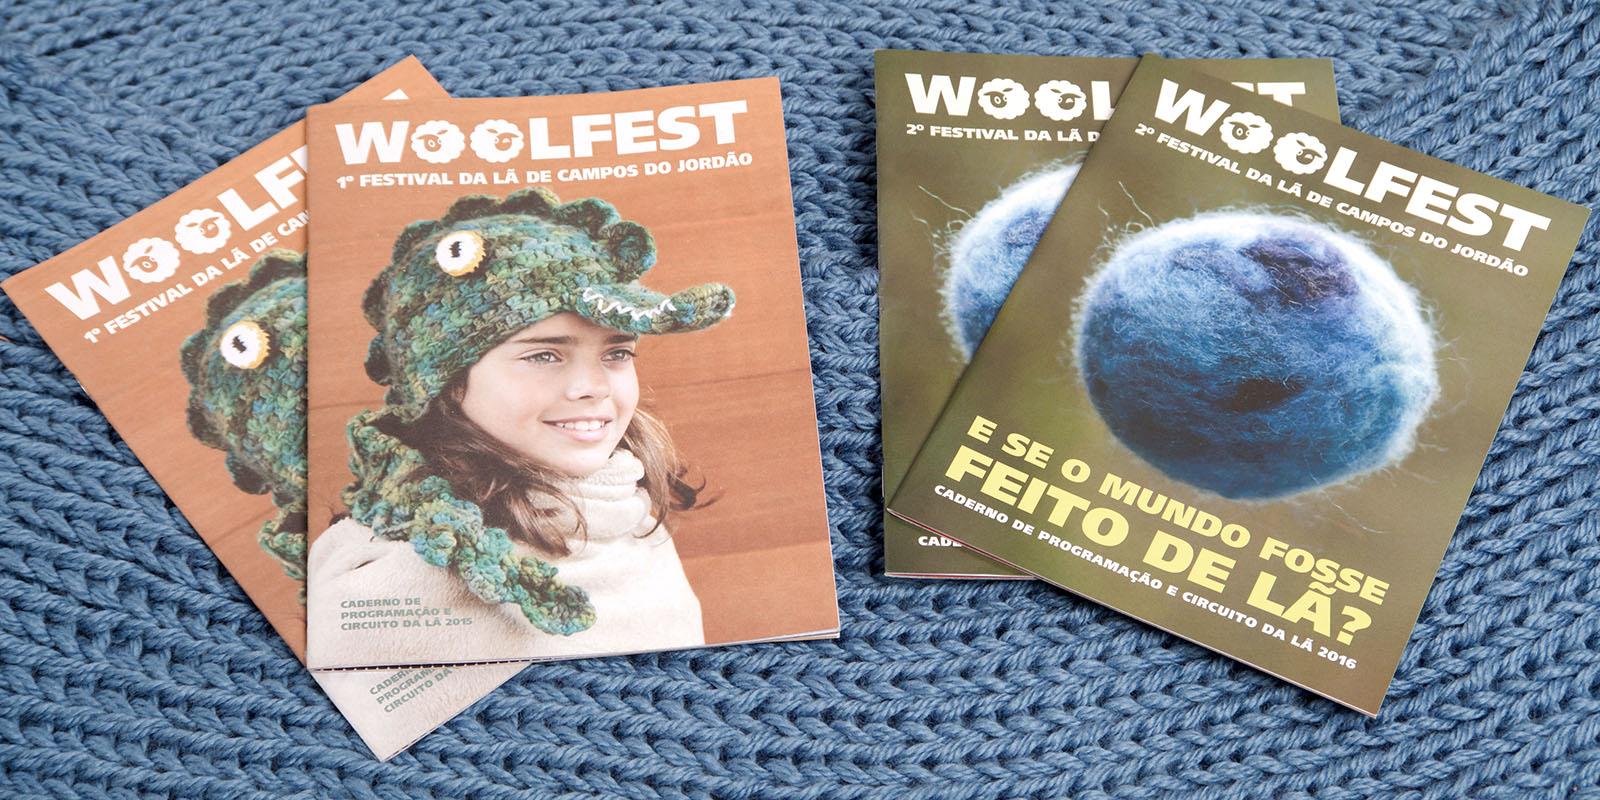 guia woolfest 2